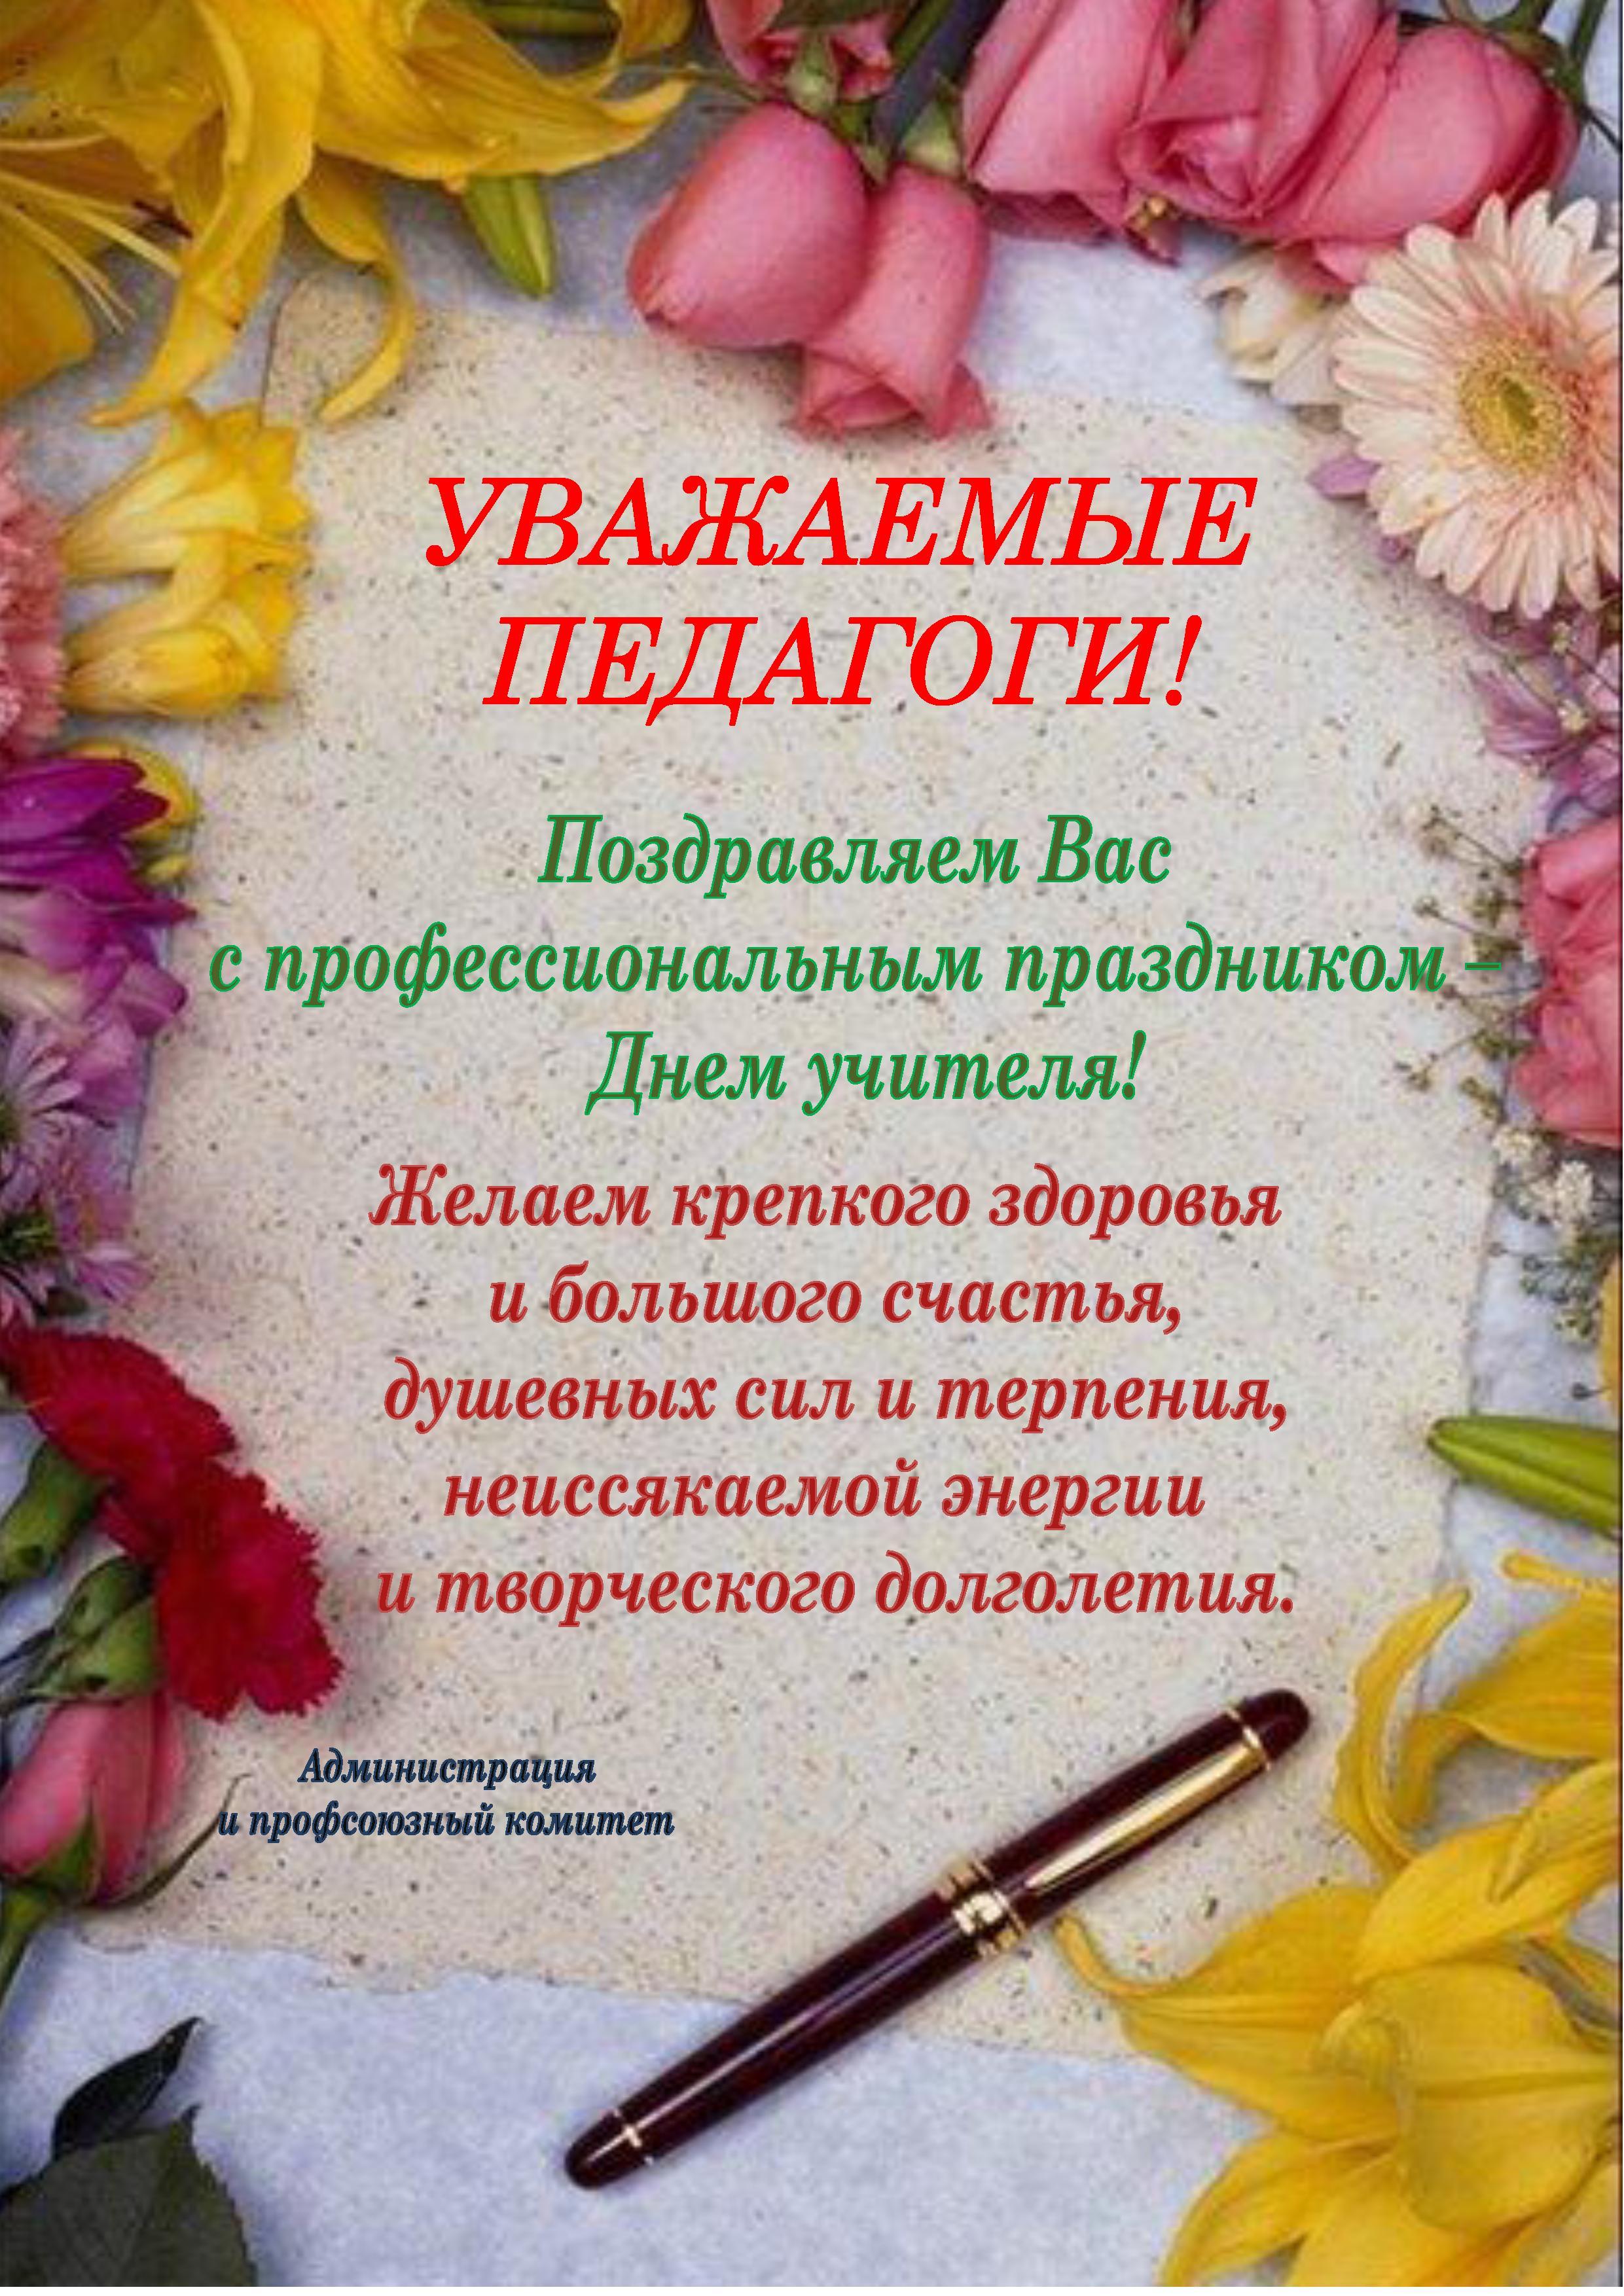 Юмористическое поздравление на день учителя